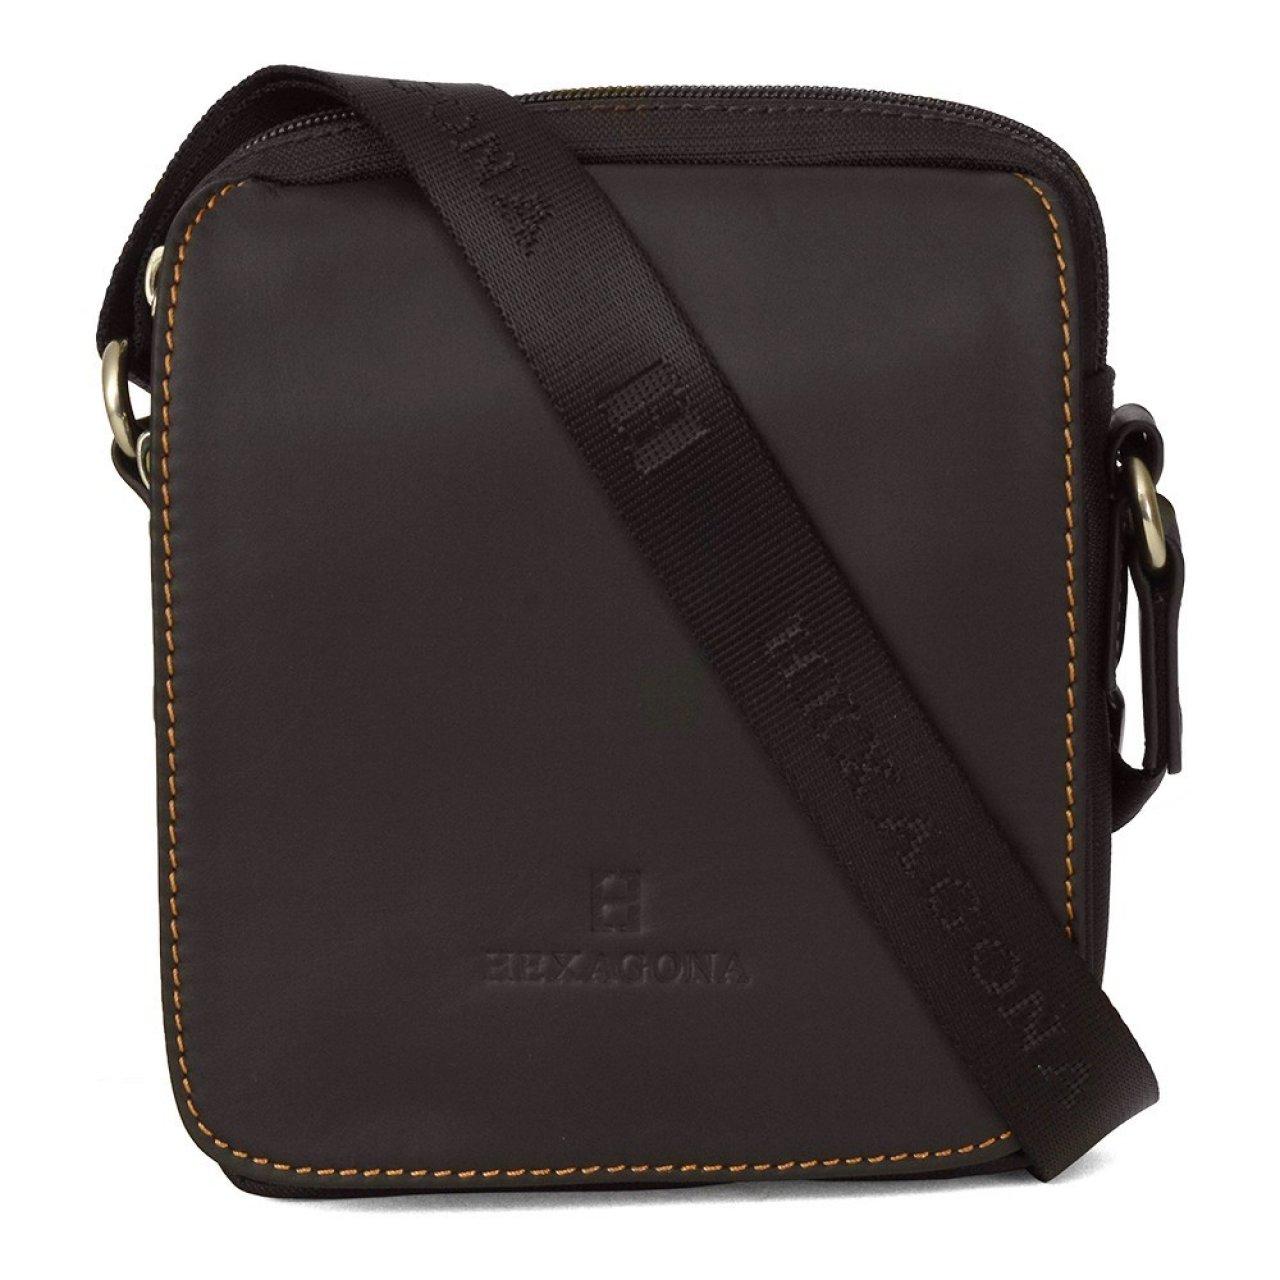 Panská taška na doklady Lee Cooper Noah - černá  a26ed17e4e